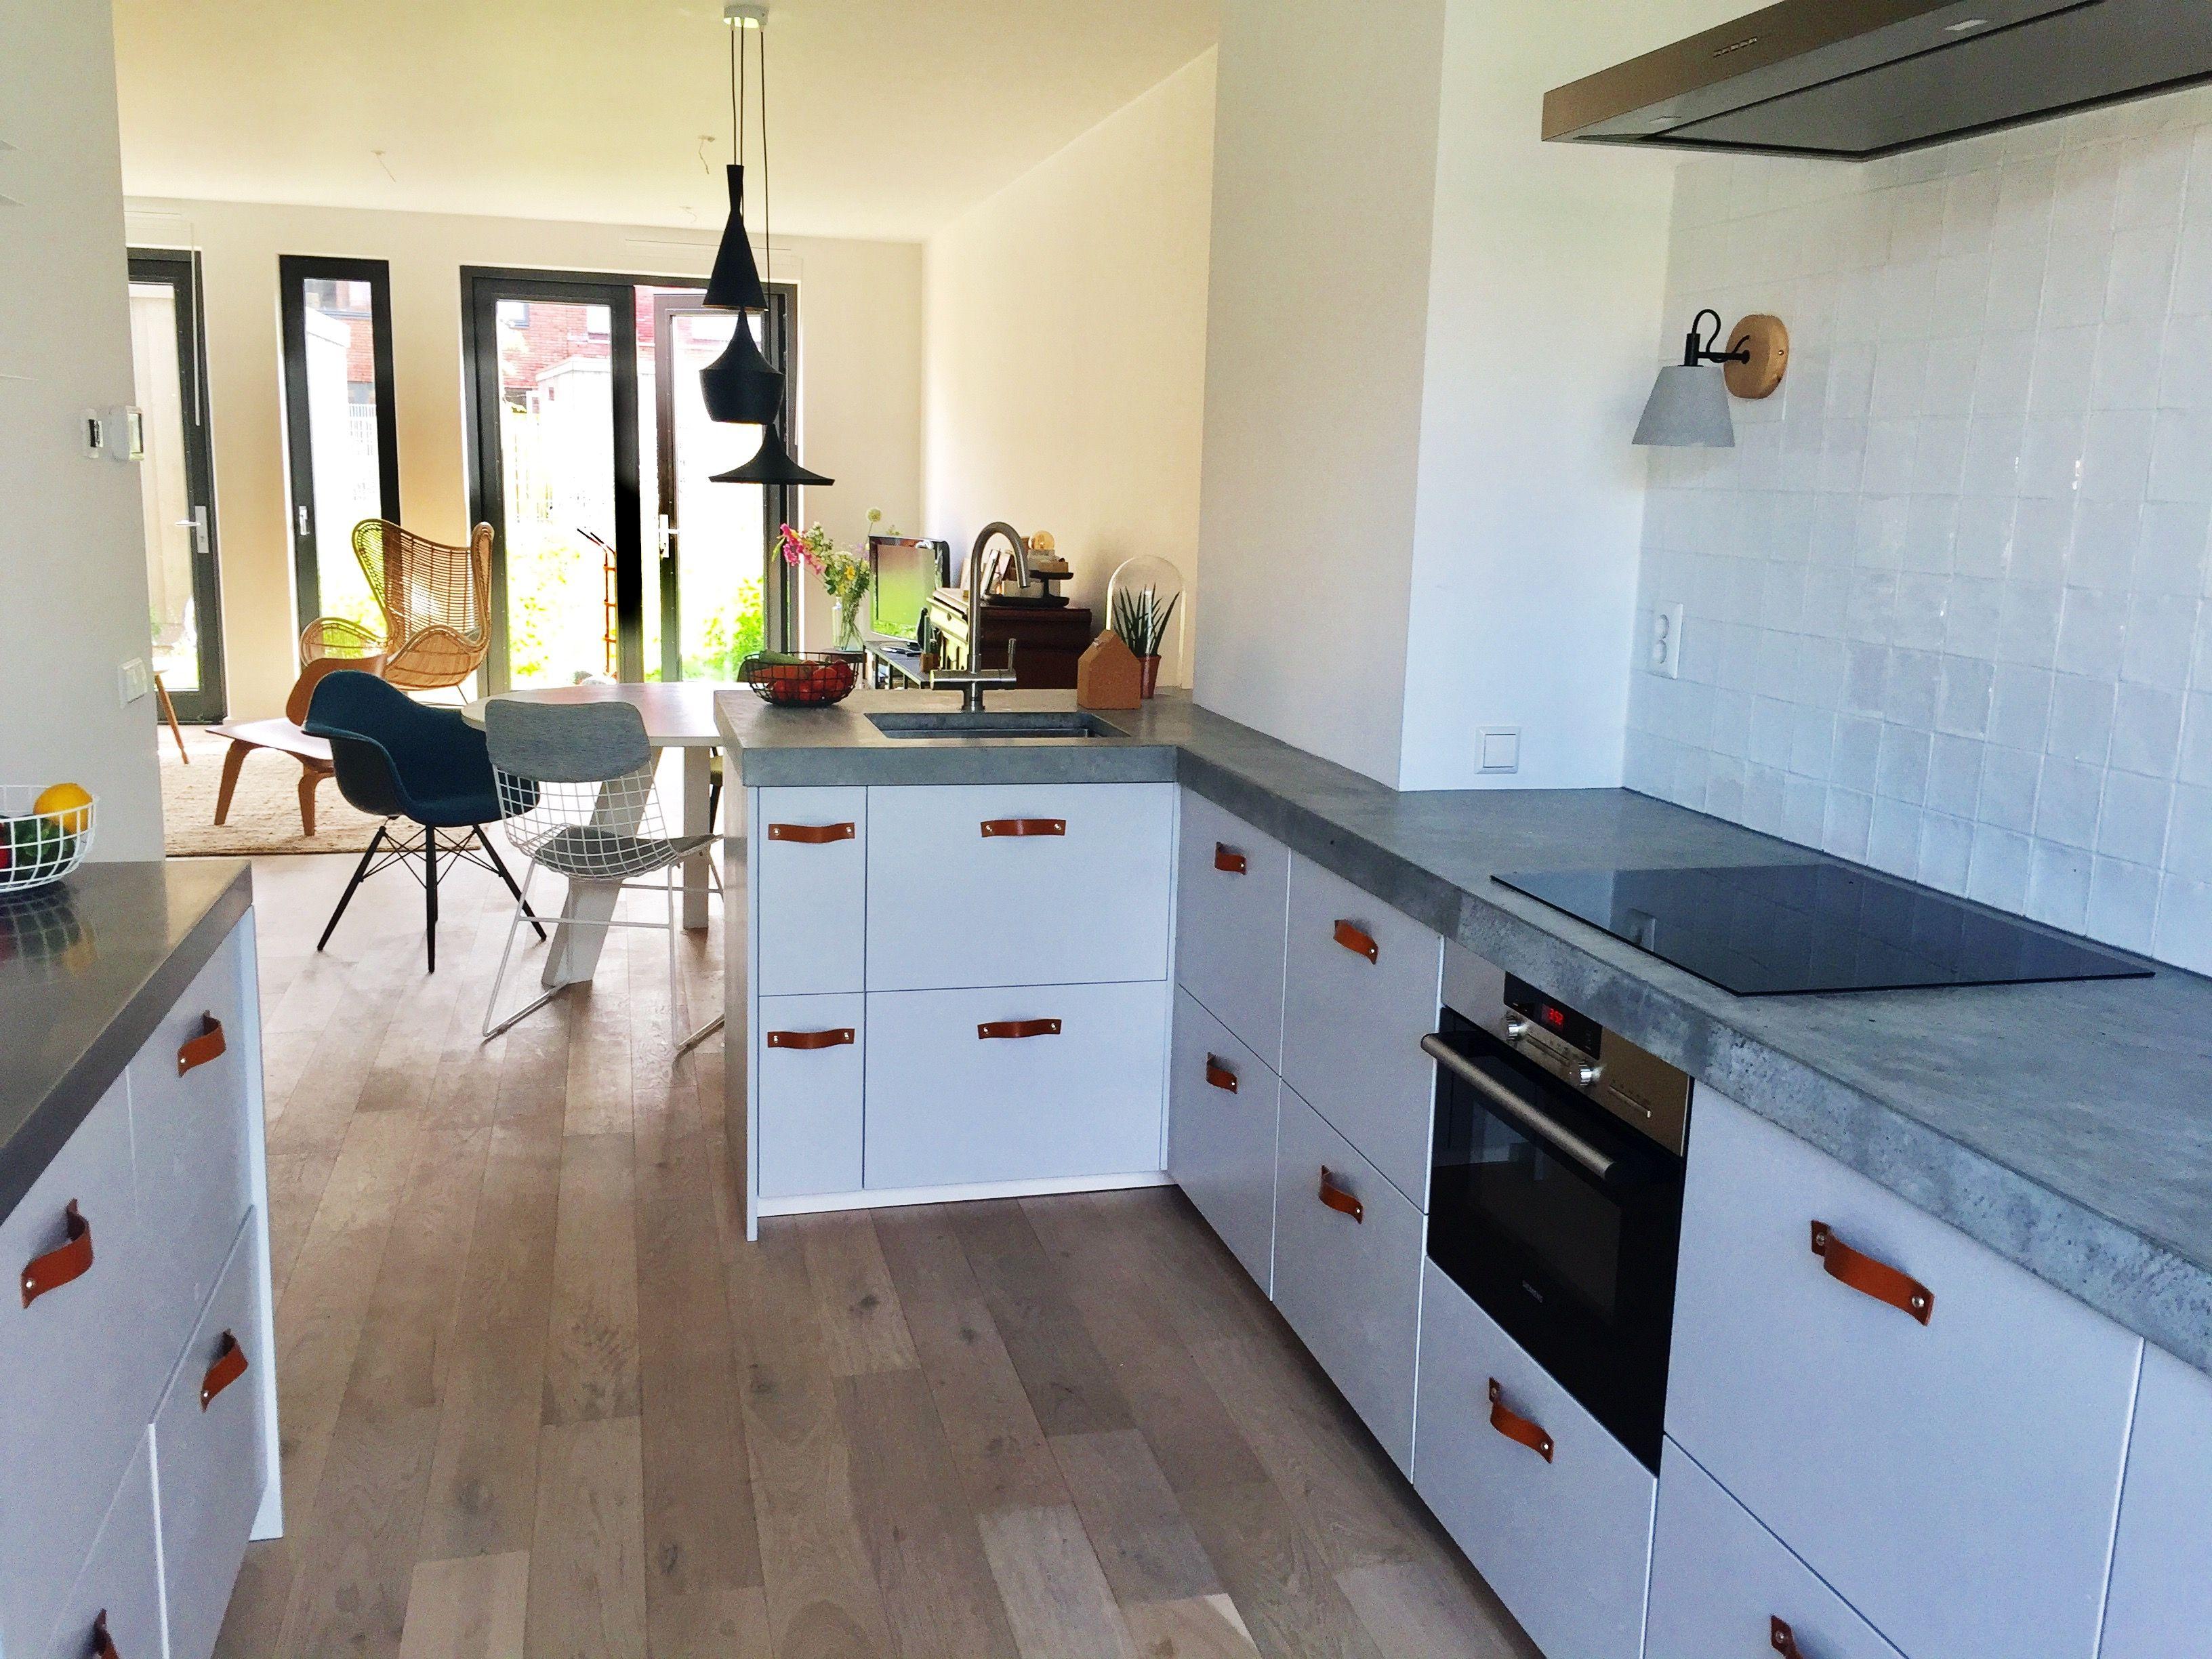 Ikea Tegels Keuken : Interieur keuken ikea ikeahacks ikeakitchen ikeaideas beton